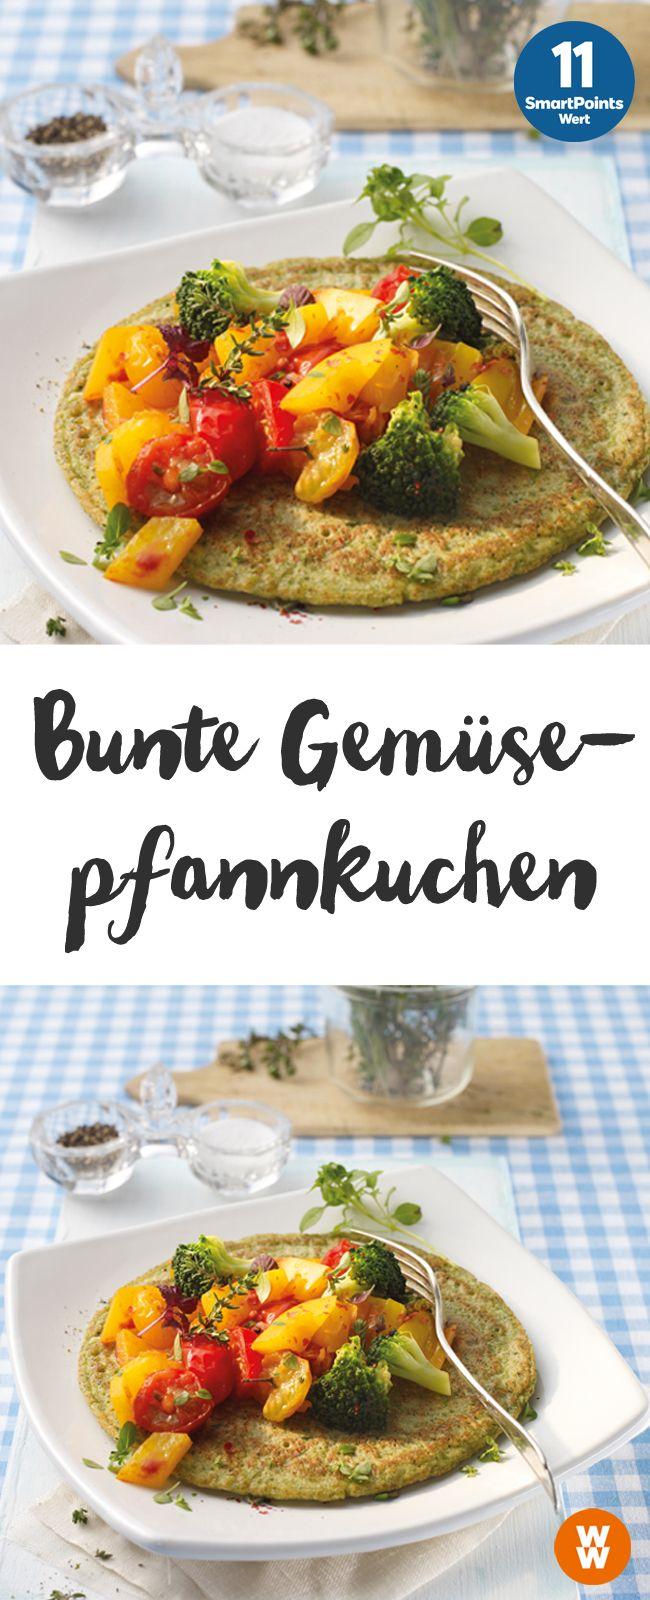 Bunte Gemüsepfannkuchen | 2 Portionen, 11 Punkte/Portion, Weight Watchers, fertig in 35 min.